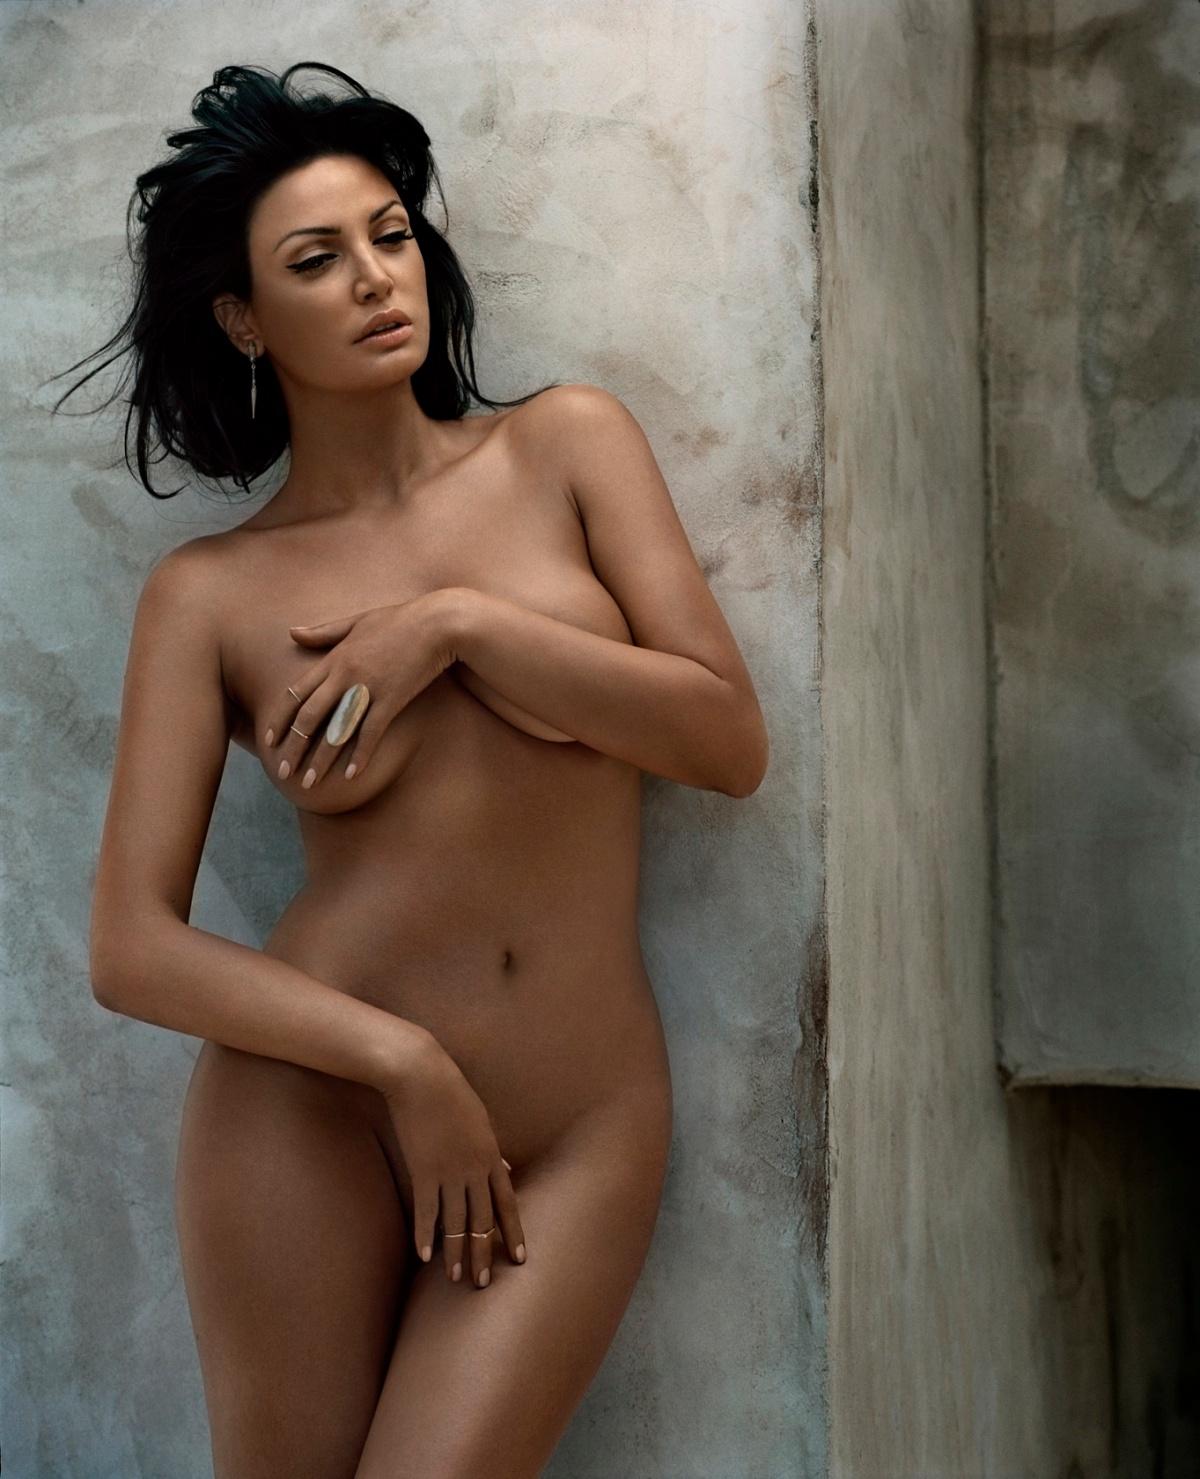 http://celebnudo.files.wordpress.com/2014/01/bleona-qereti-nudo.jpg?w=1200